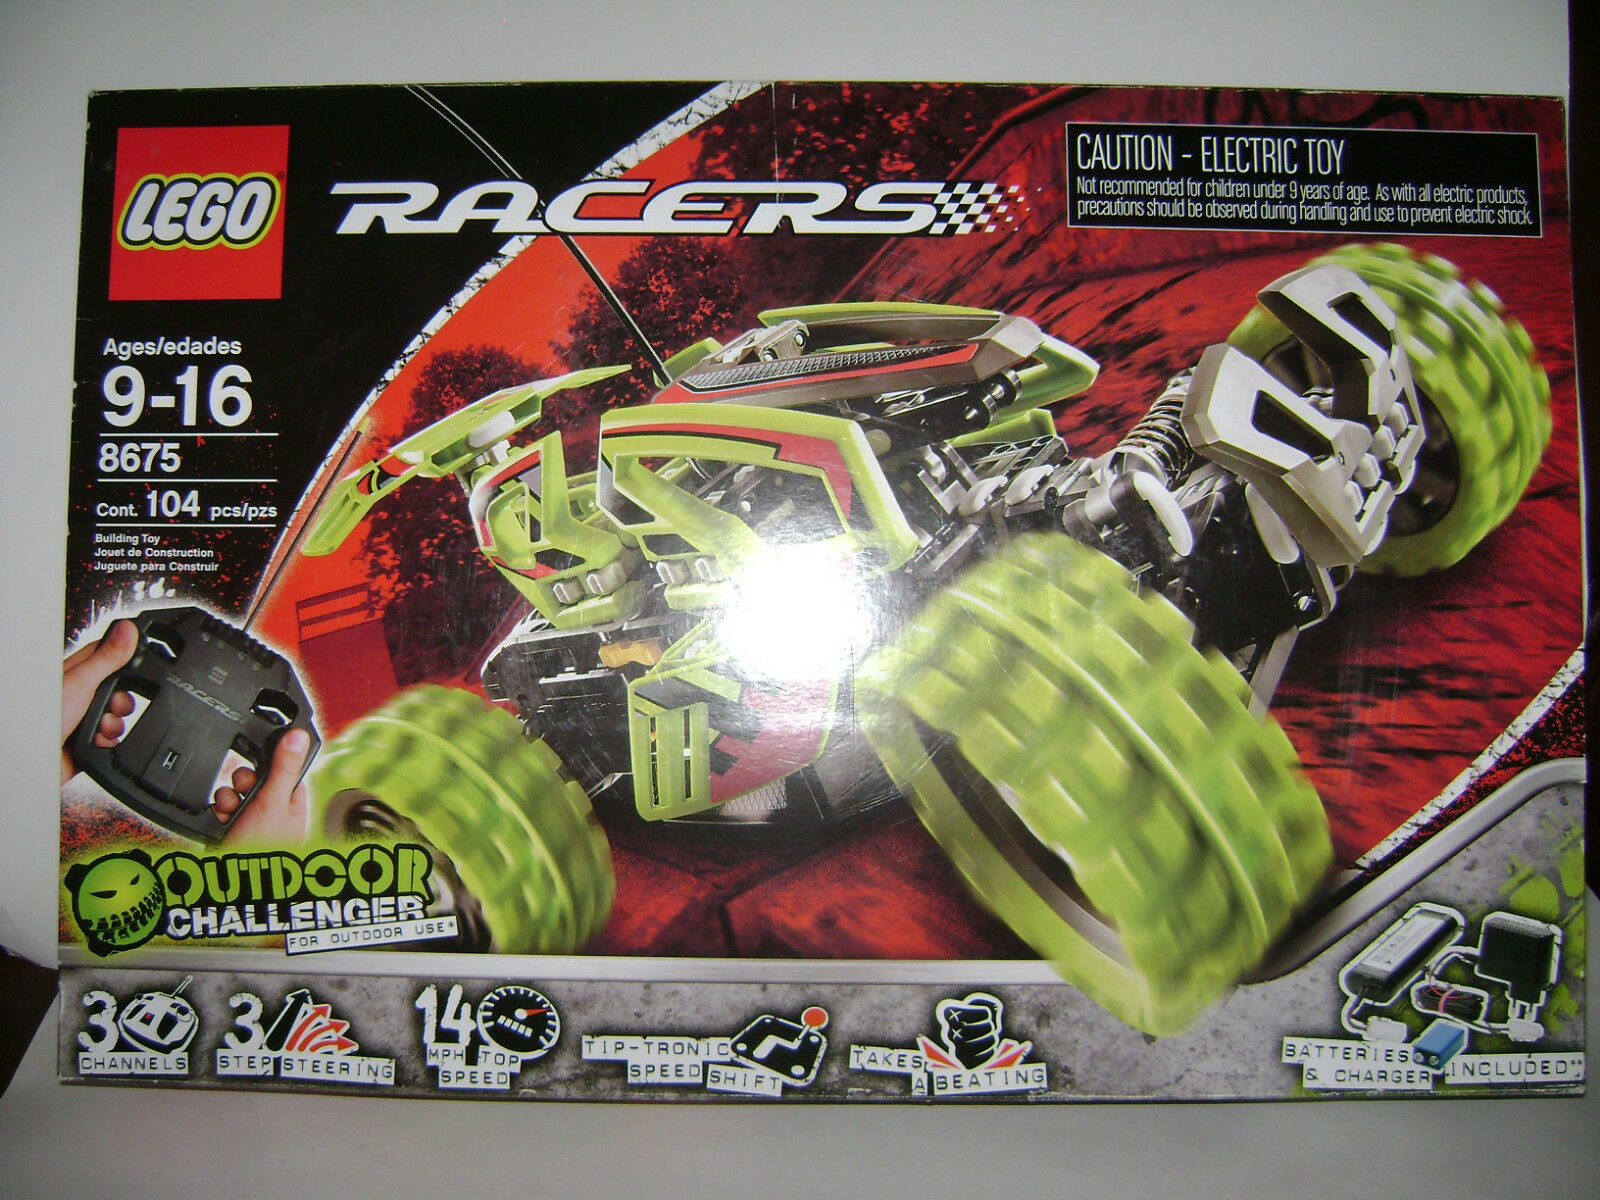 Nouveau 8675 Racers de plein  air LEGO RC Challenger Building Toy Boîte Scellée retraité une  moins cher